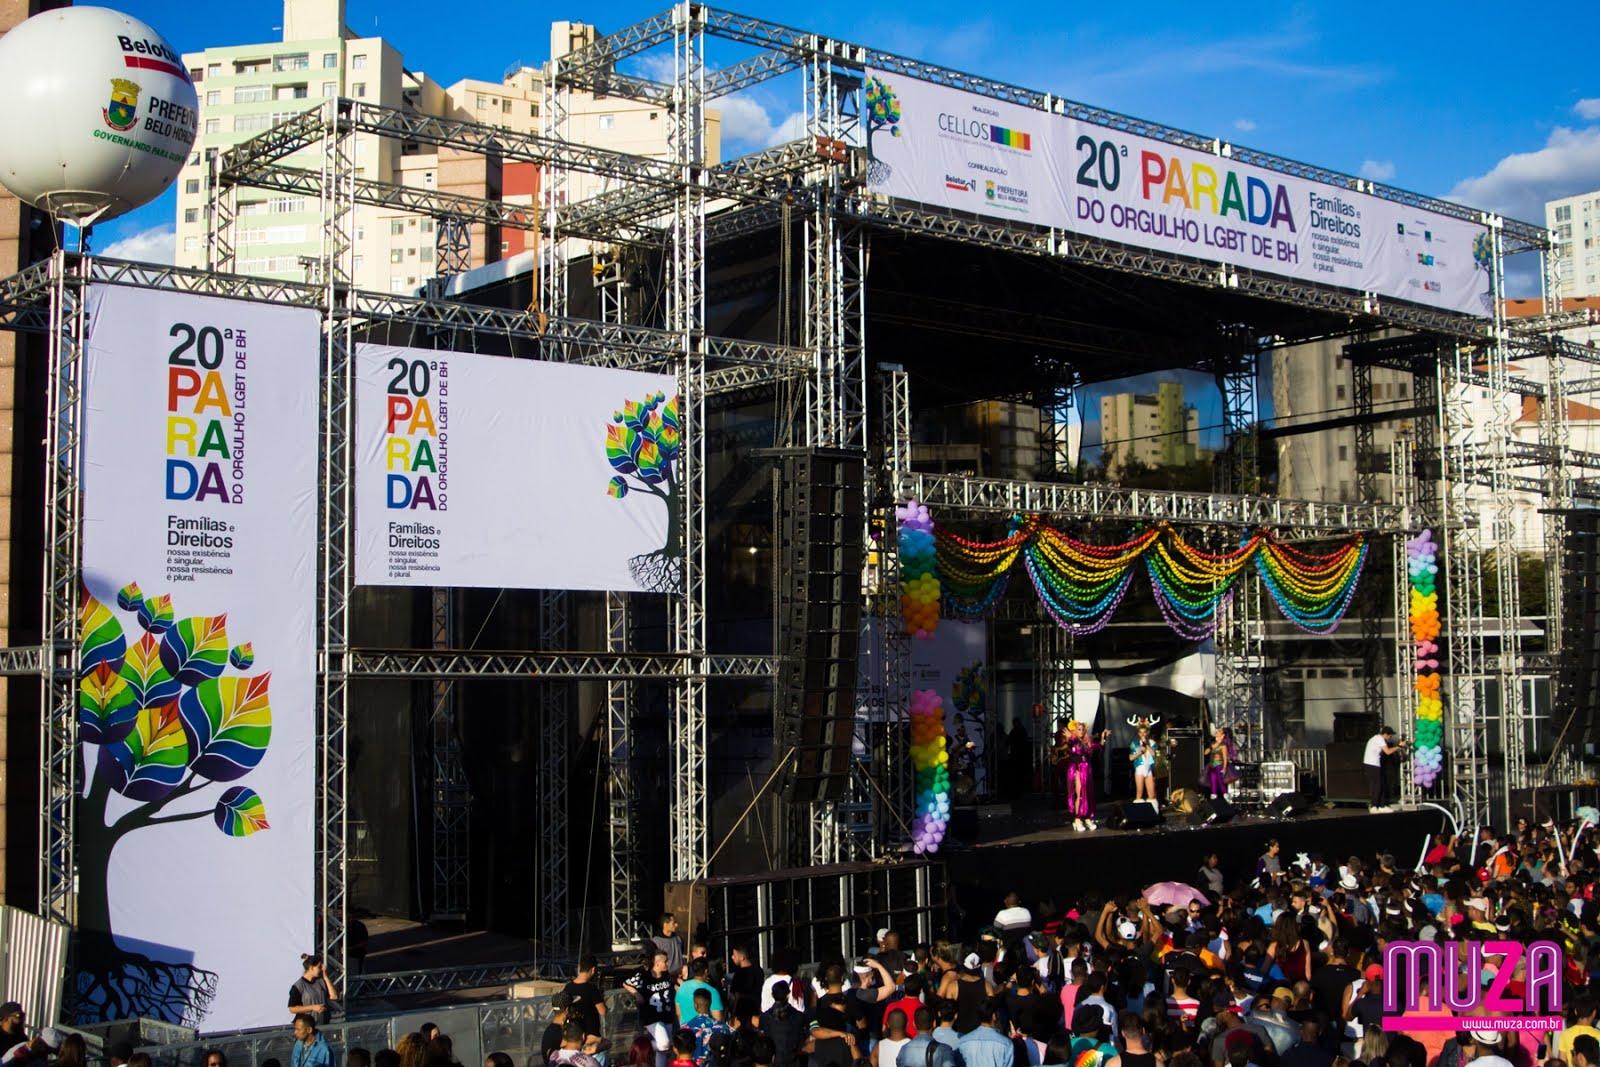 Saiba como foi a Parada do Orgulho LGBT de Belo Horizonte 2017